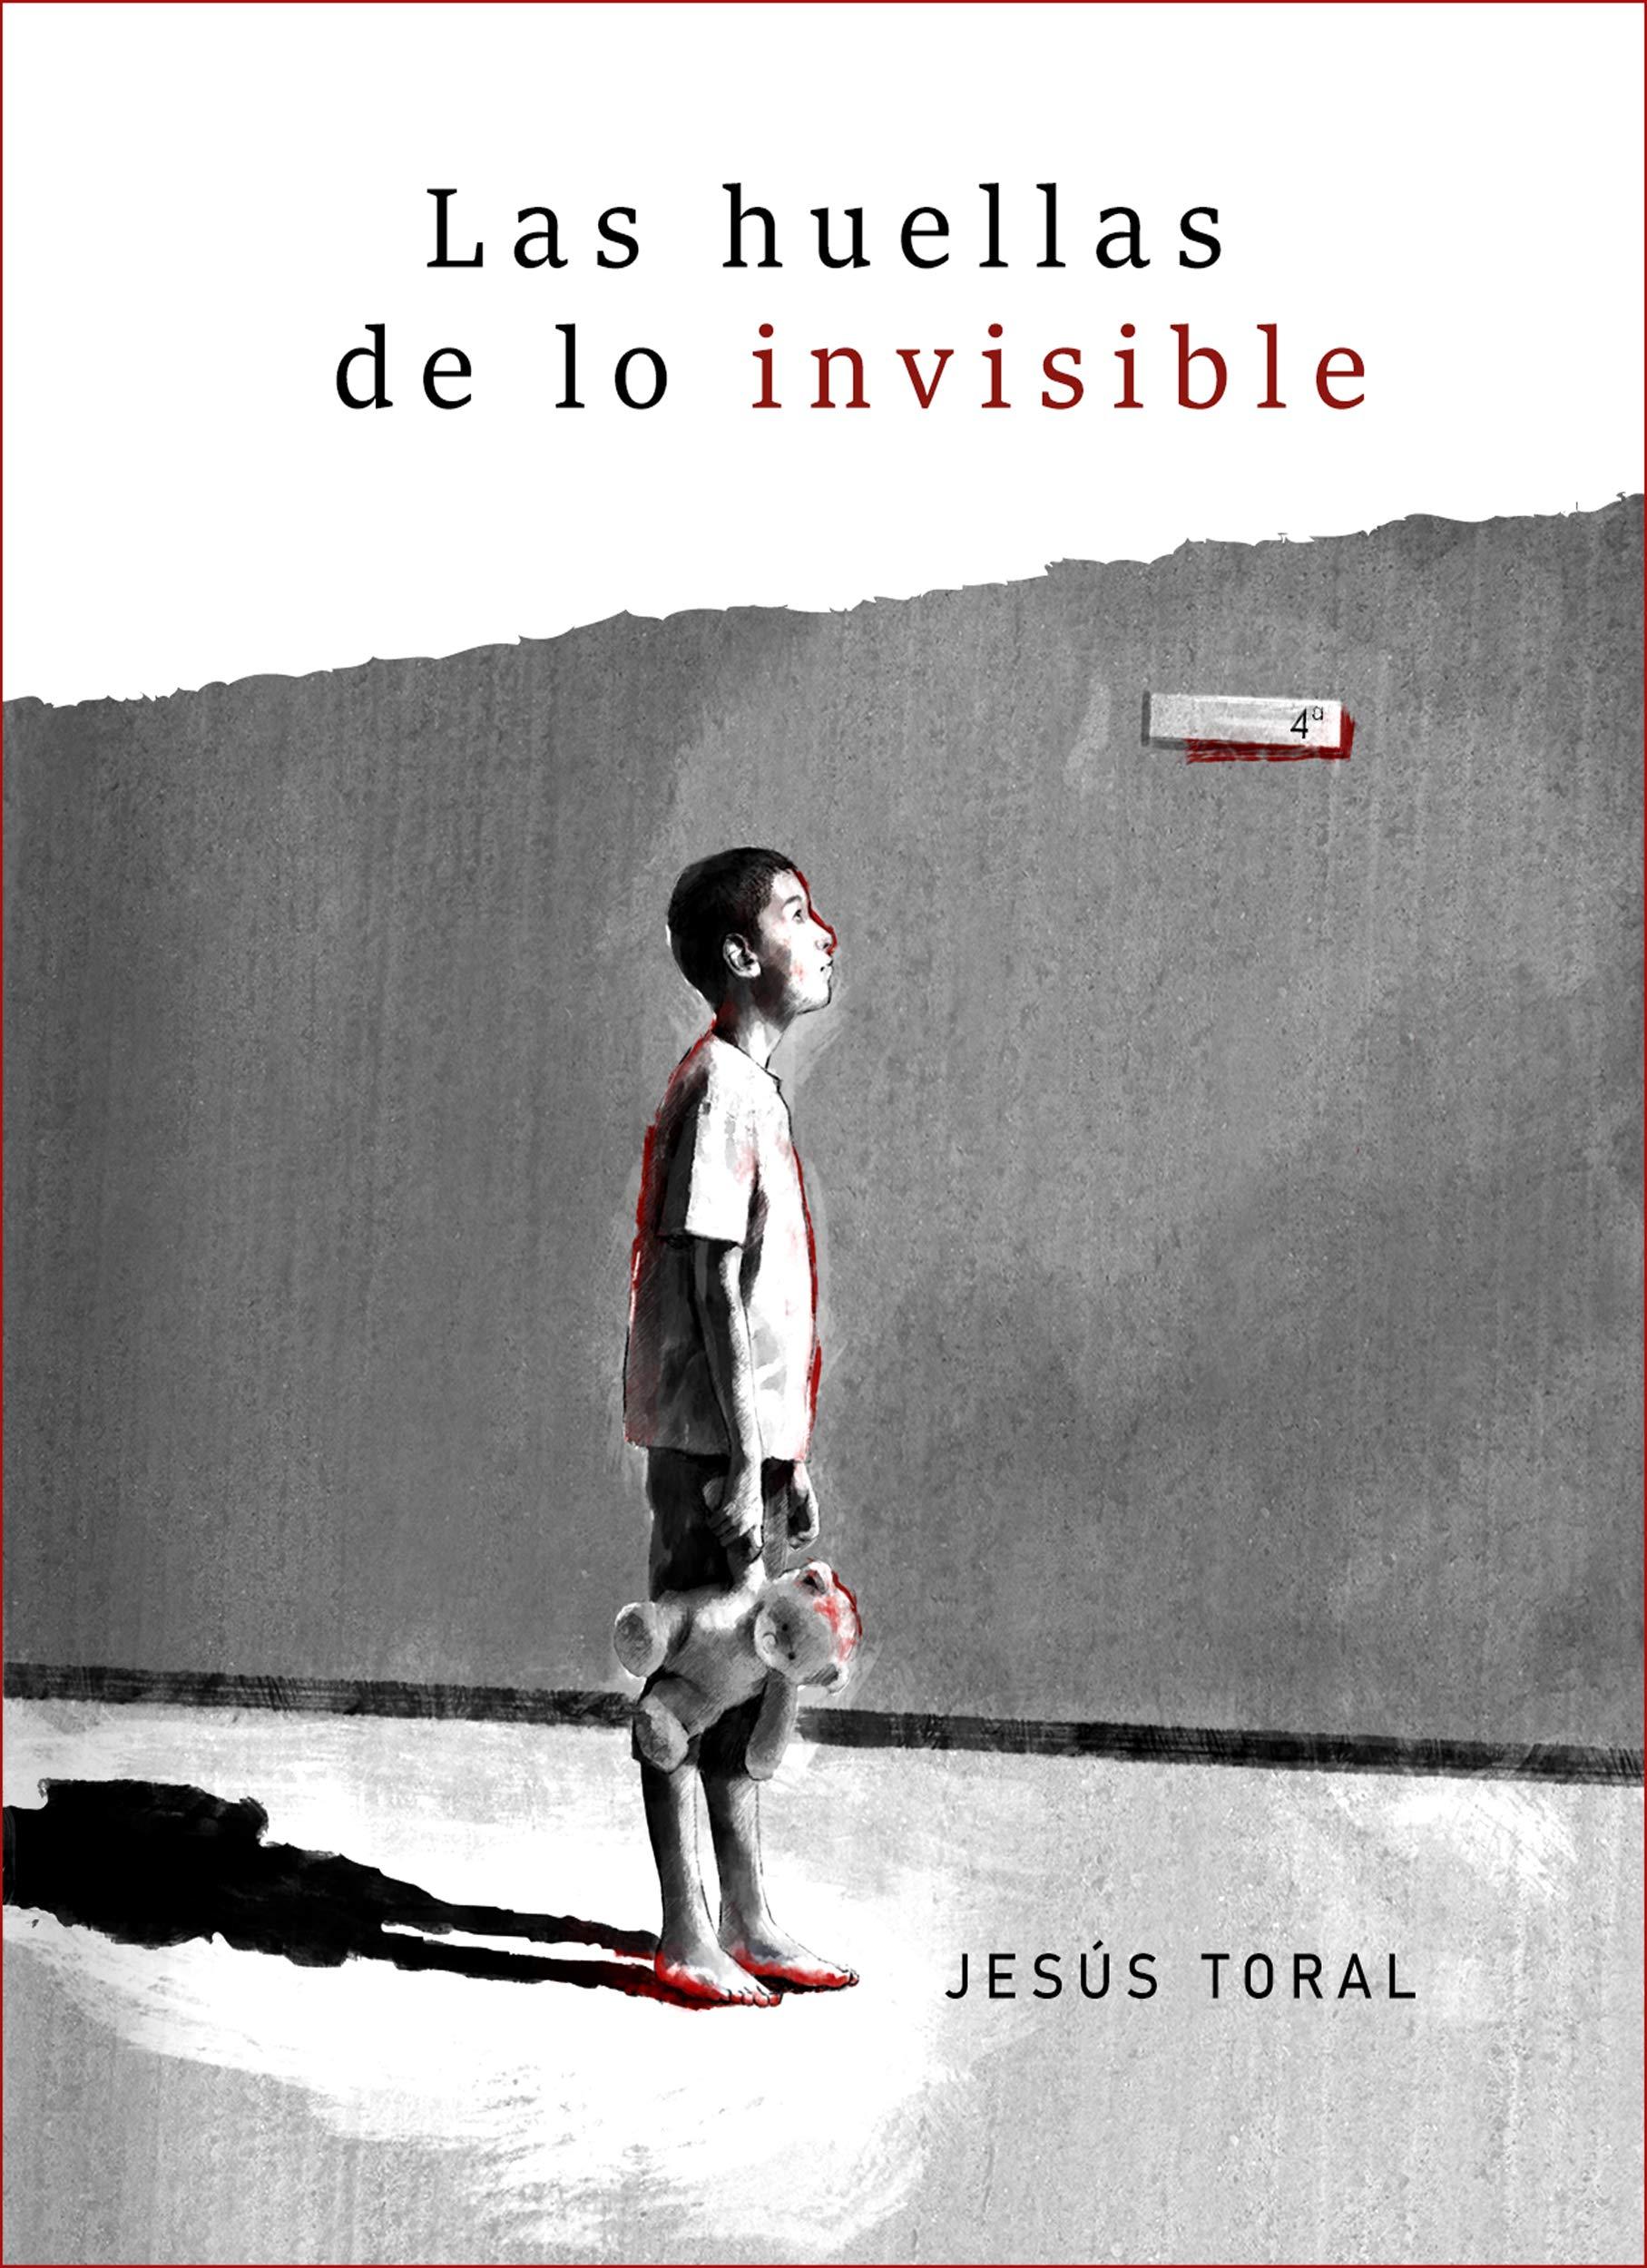 Las huellas de lo invisible